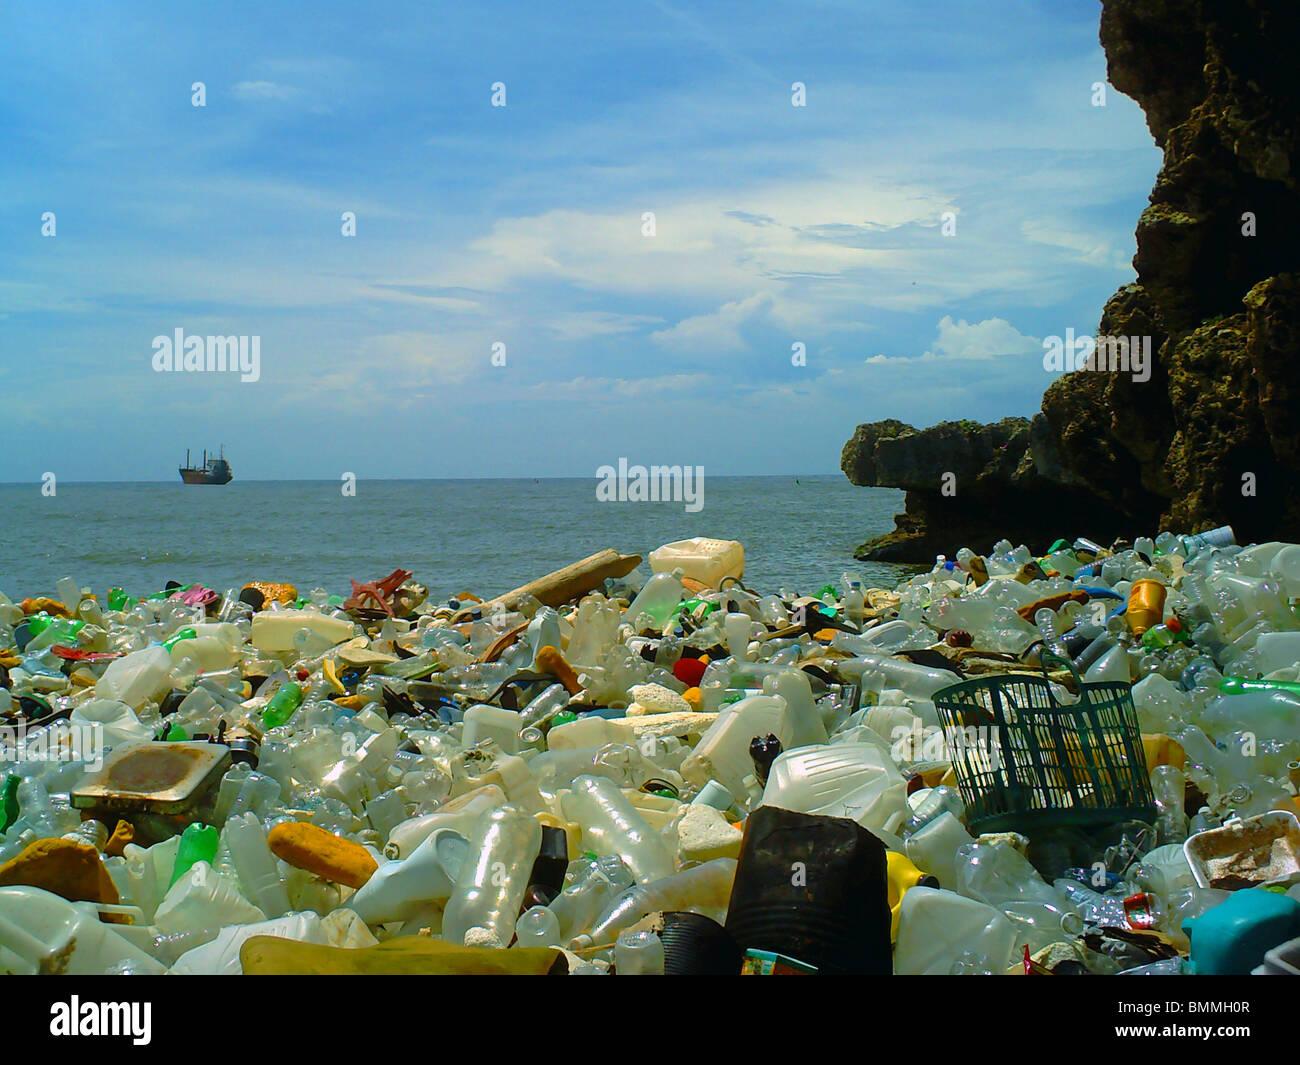 Pollution on a beach in Santo Domingo, Dominican Republic - Stock Image